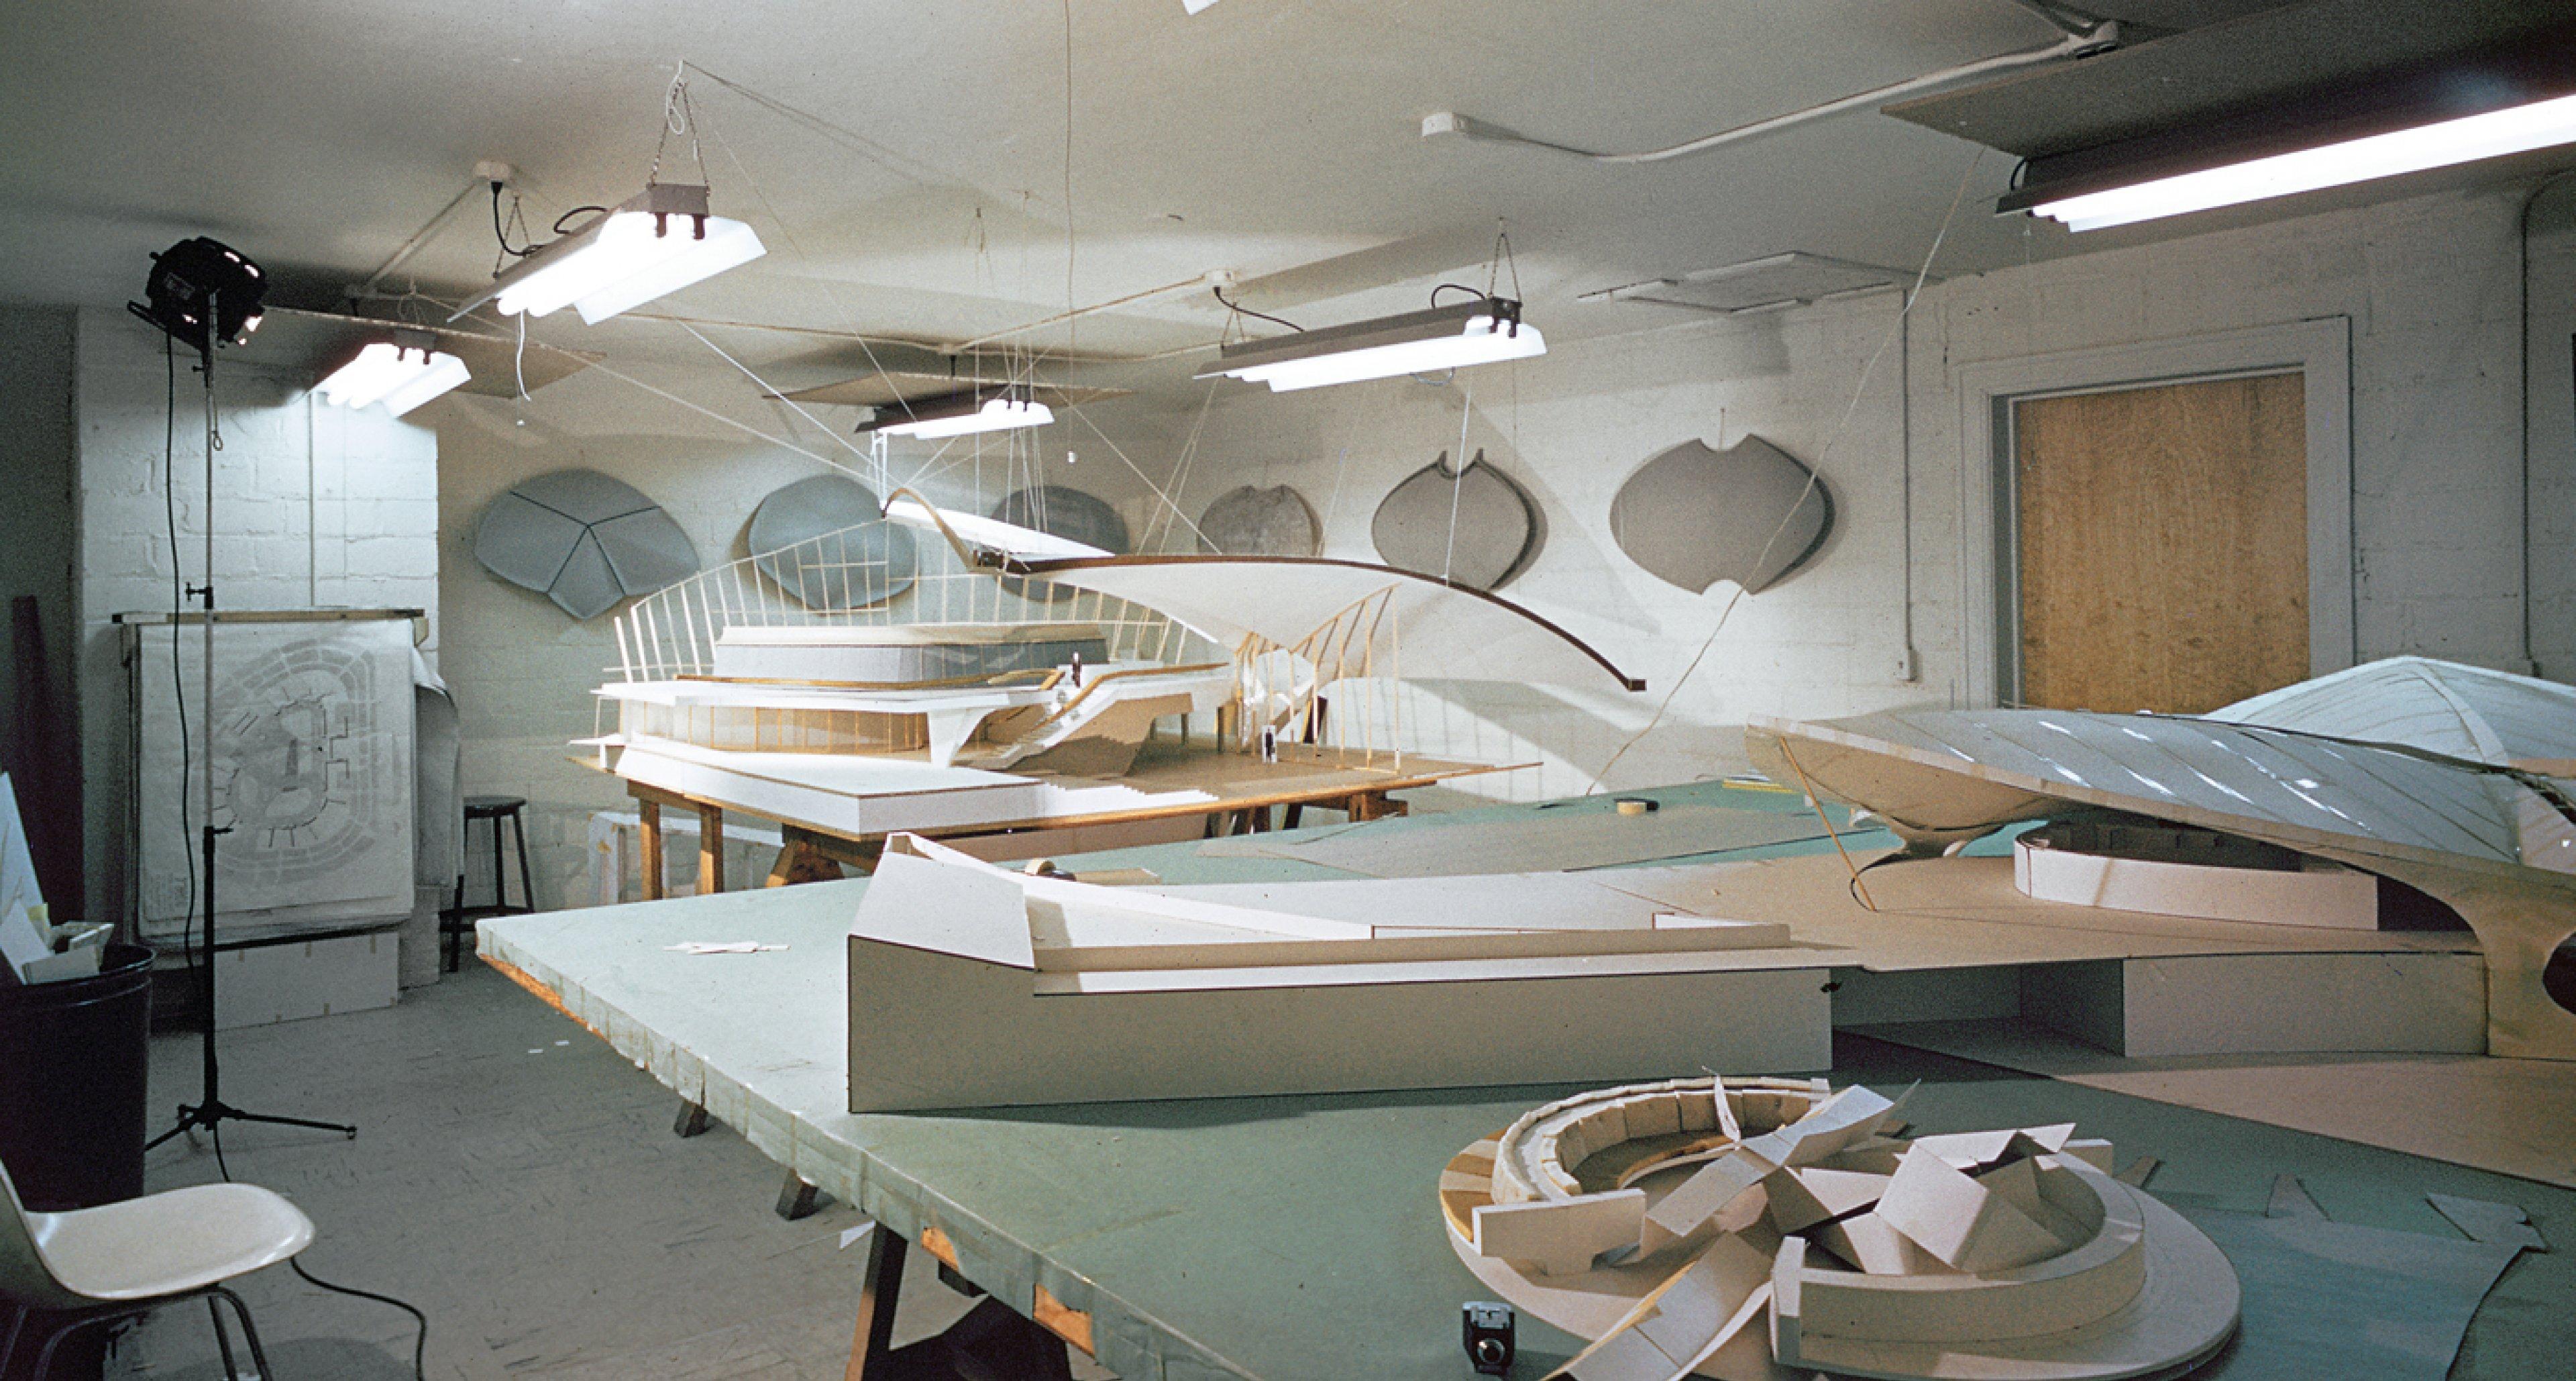 Eero Saarinen mietet für den Entwurf des Terminals eigens einen genug grossen Raum © Richard G. Knight /Richard Gamble Knight Papers (MS 1999). Manuscripts and Archives, Yale University Library